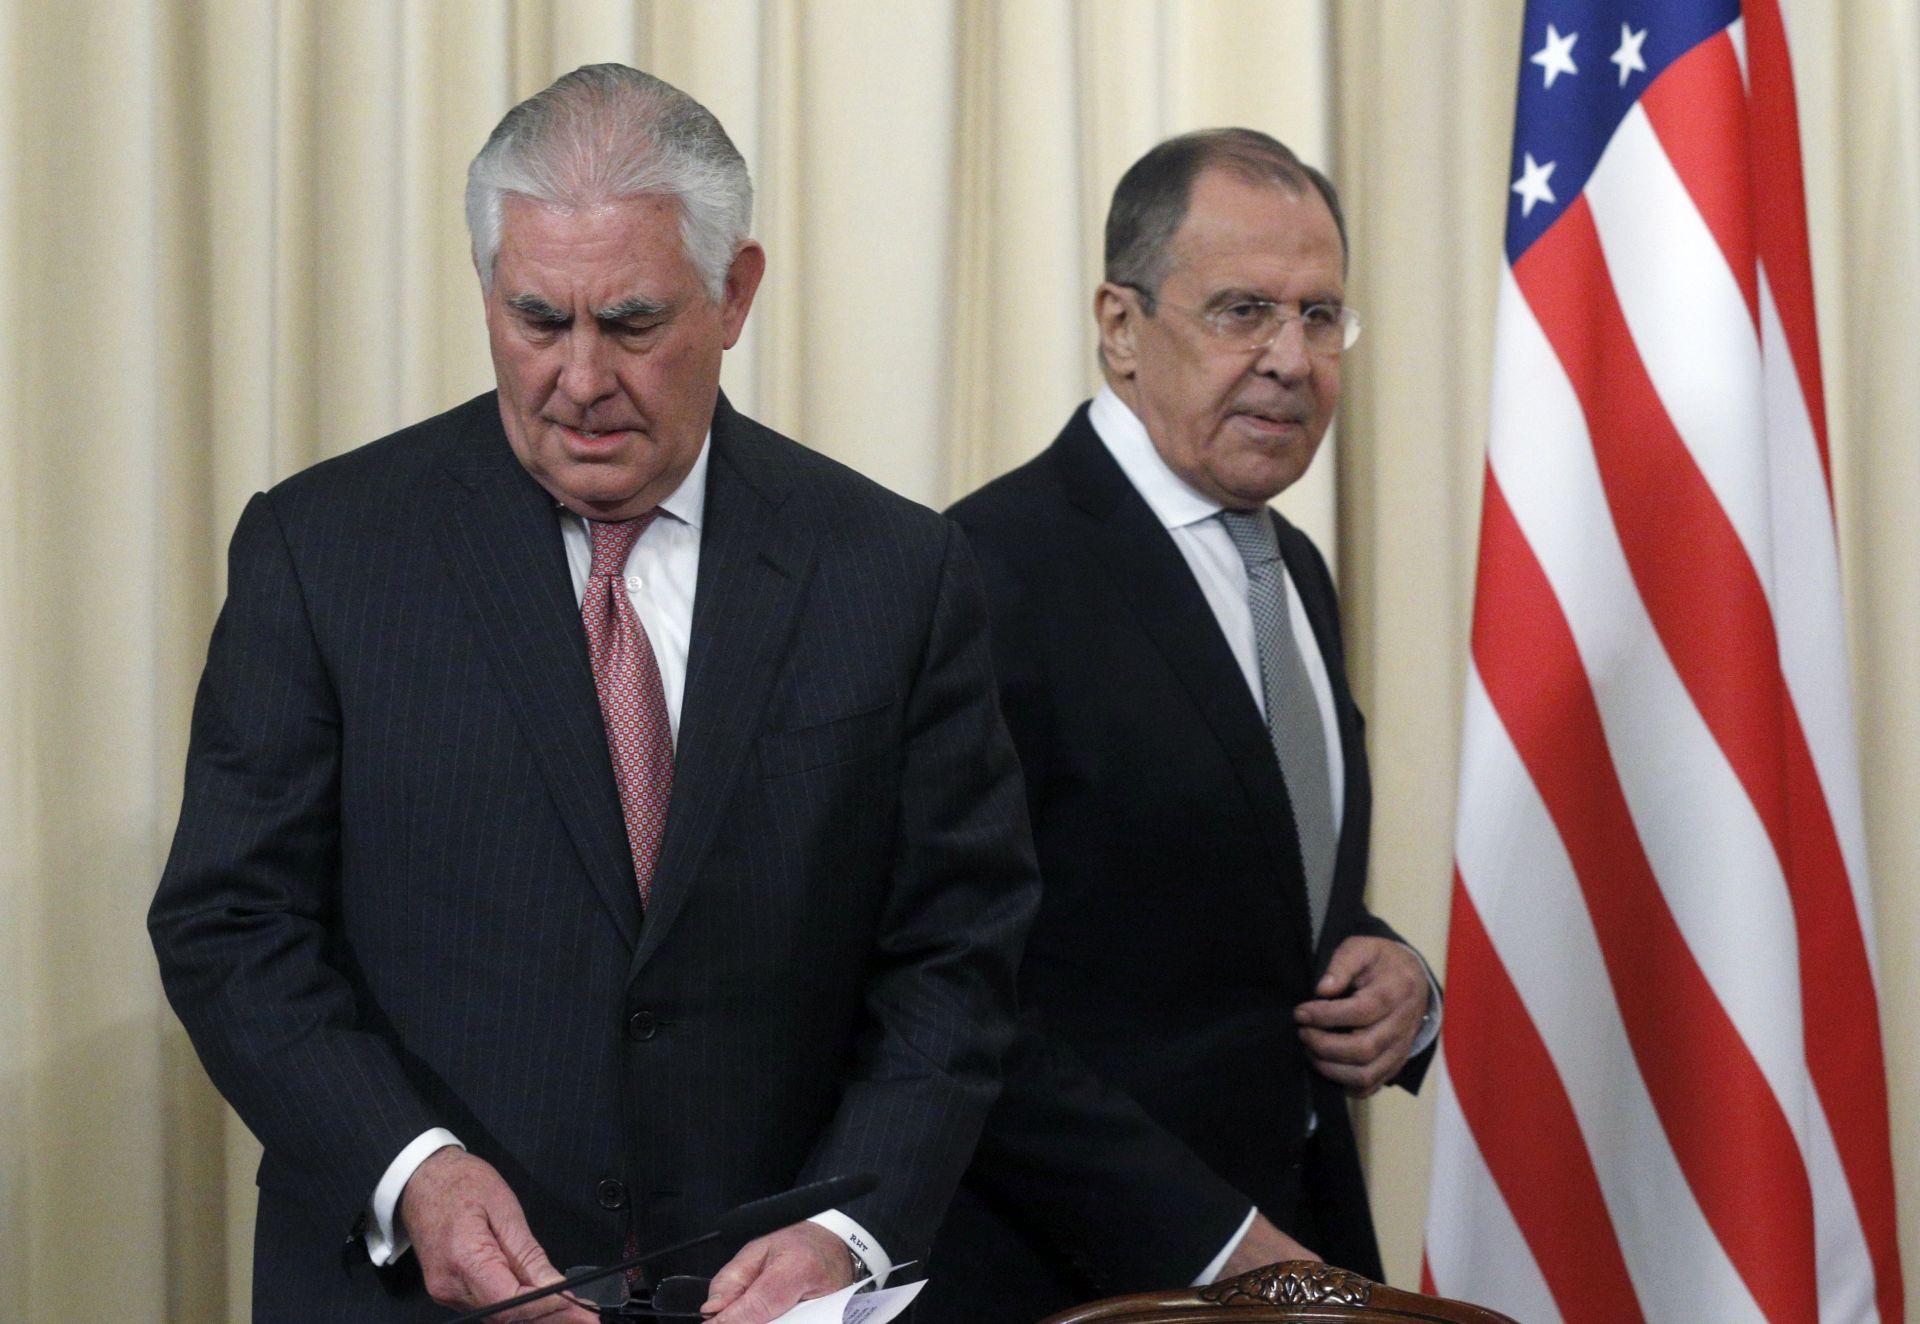 LAVROV TILLERSONU: Rusija spremna na suradnju sa SAD iako će im zaplijeniti daču?